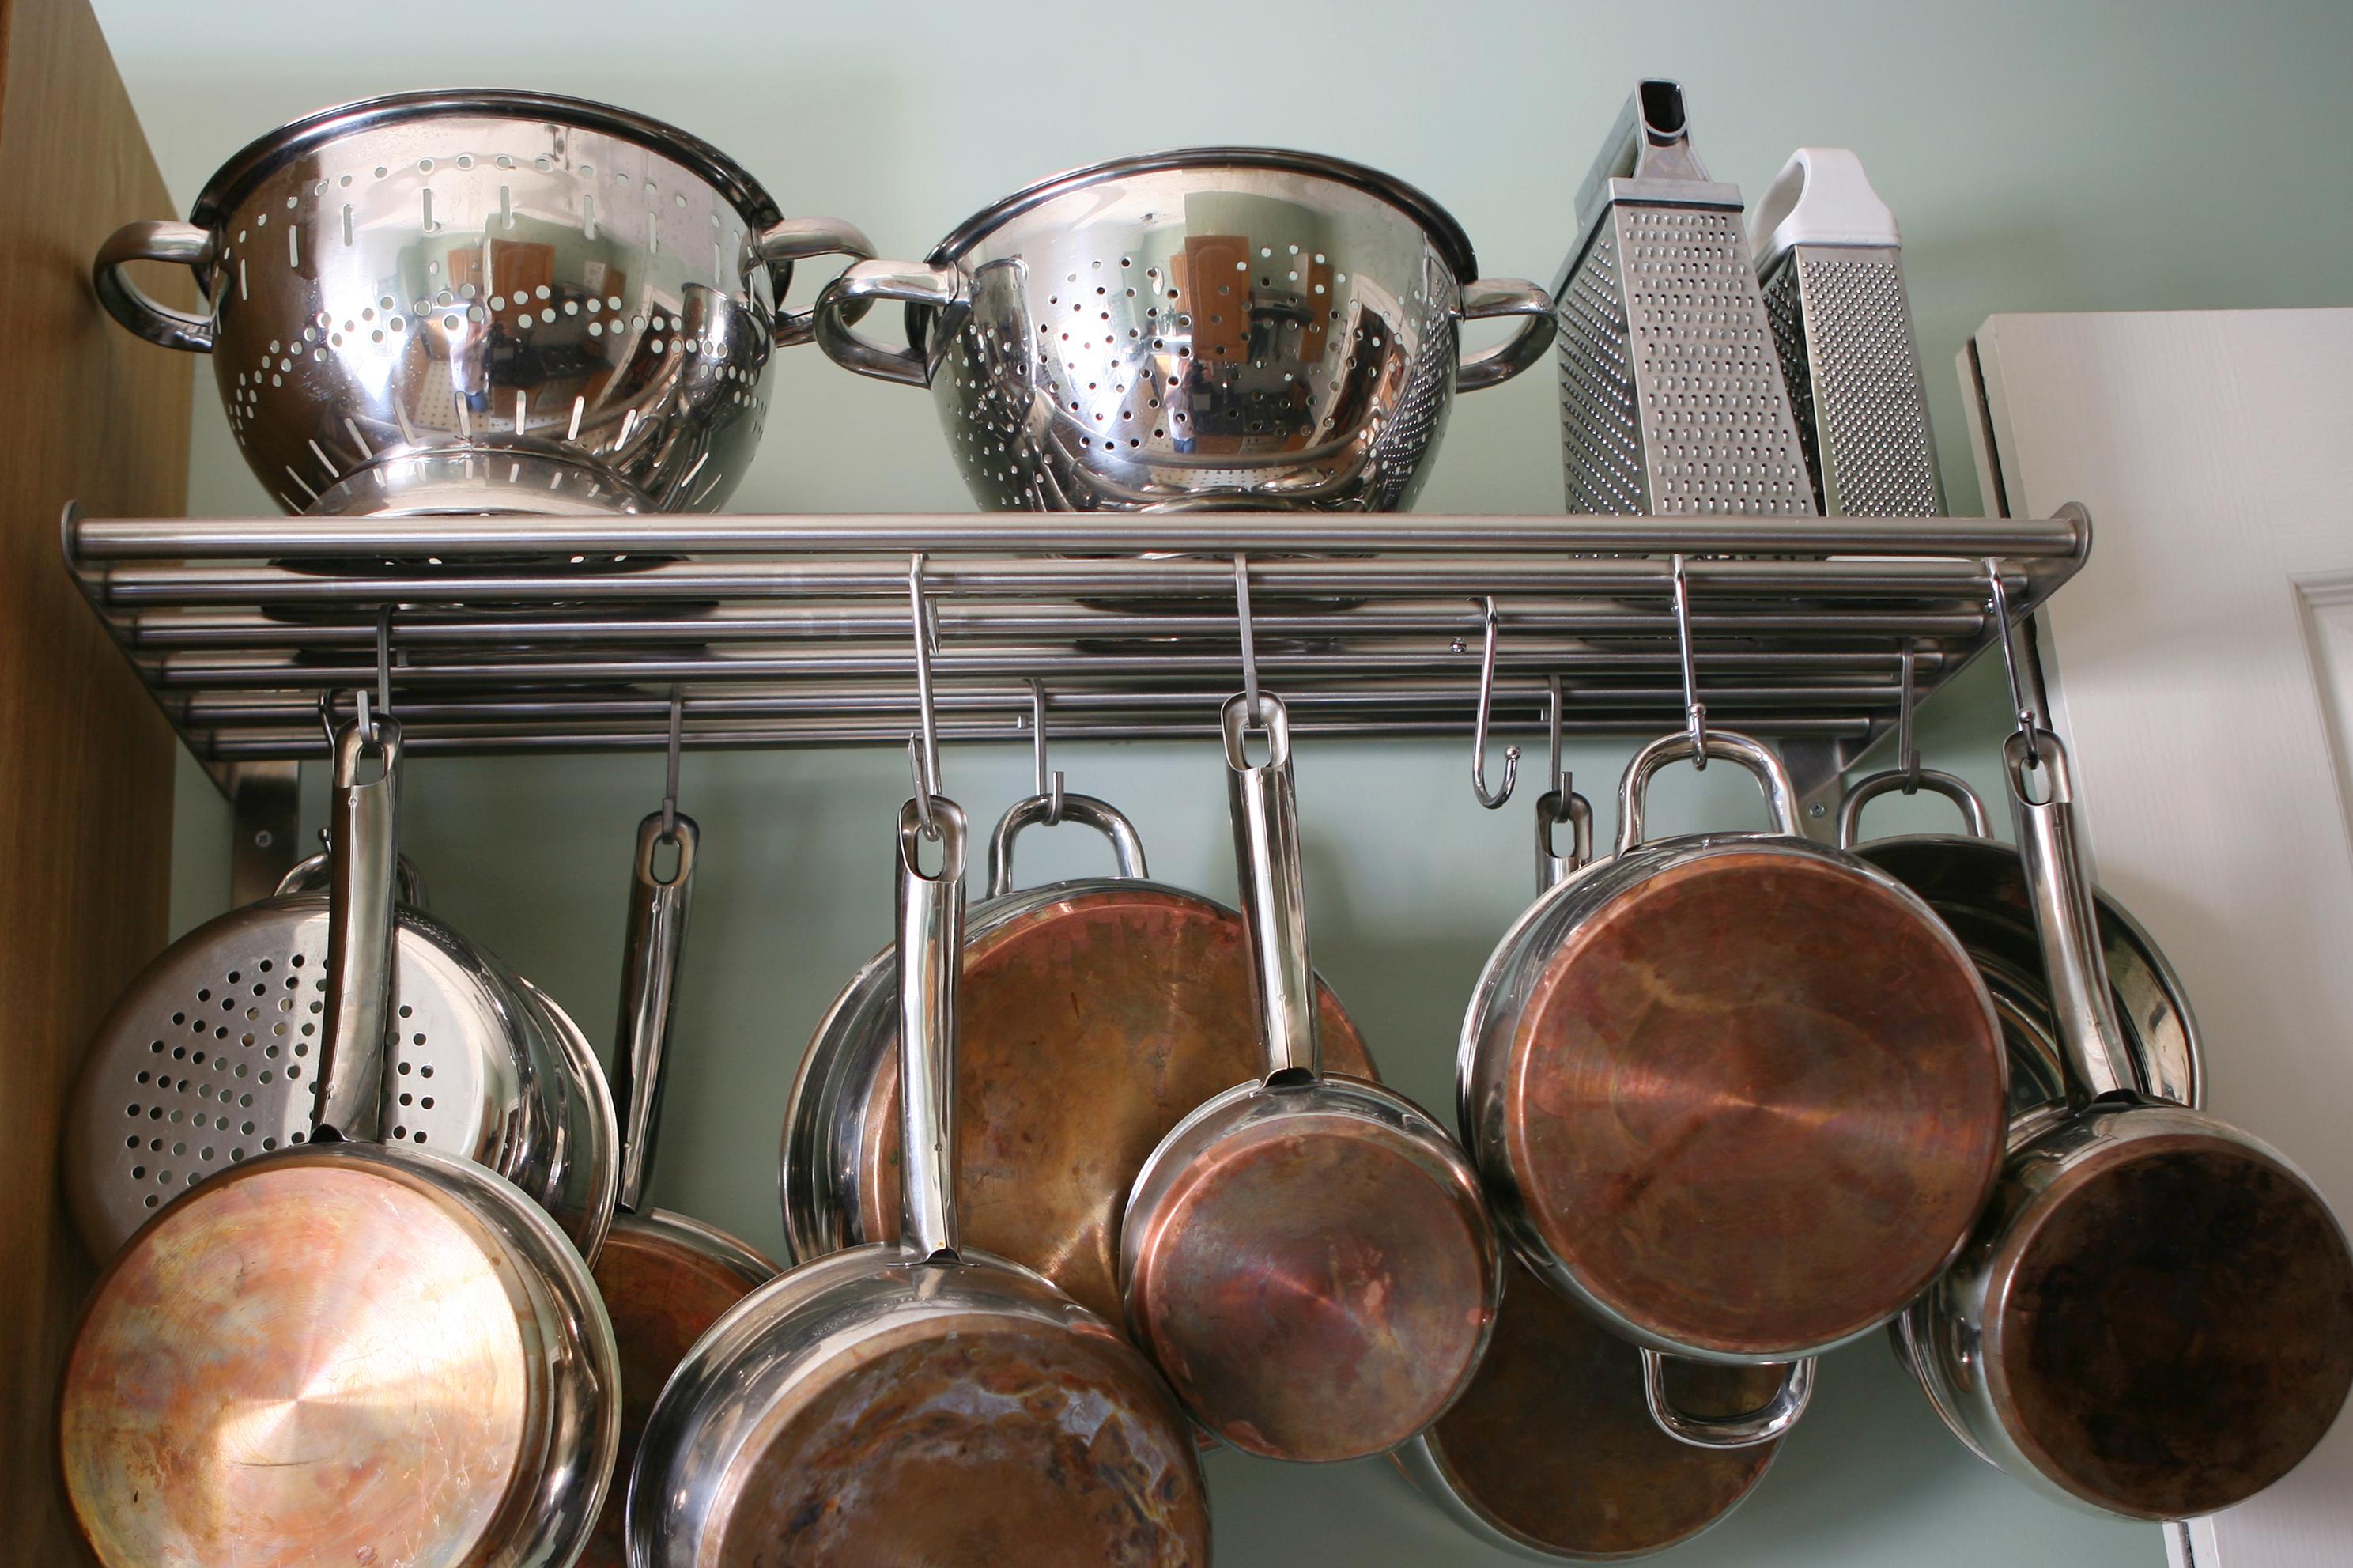 Opbergen Tips Keuken : 9 tips voor een georganiseerde keuken culy.nl